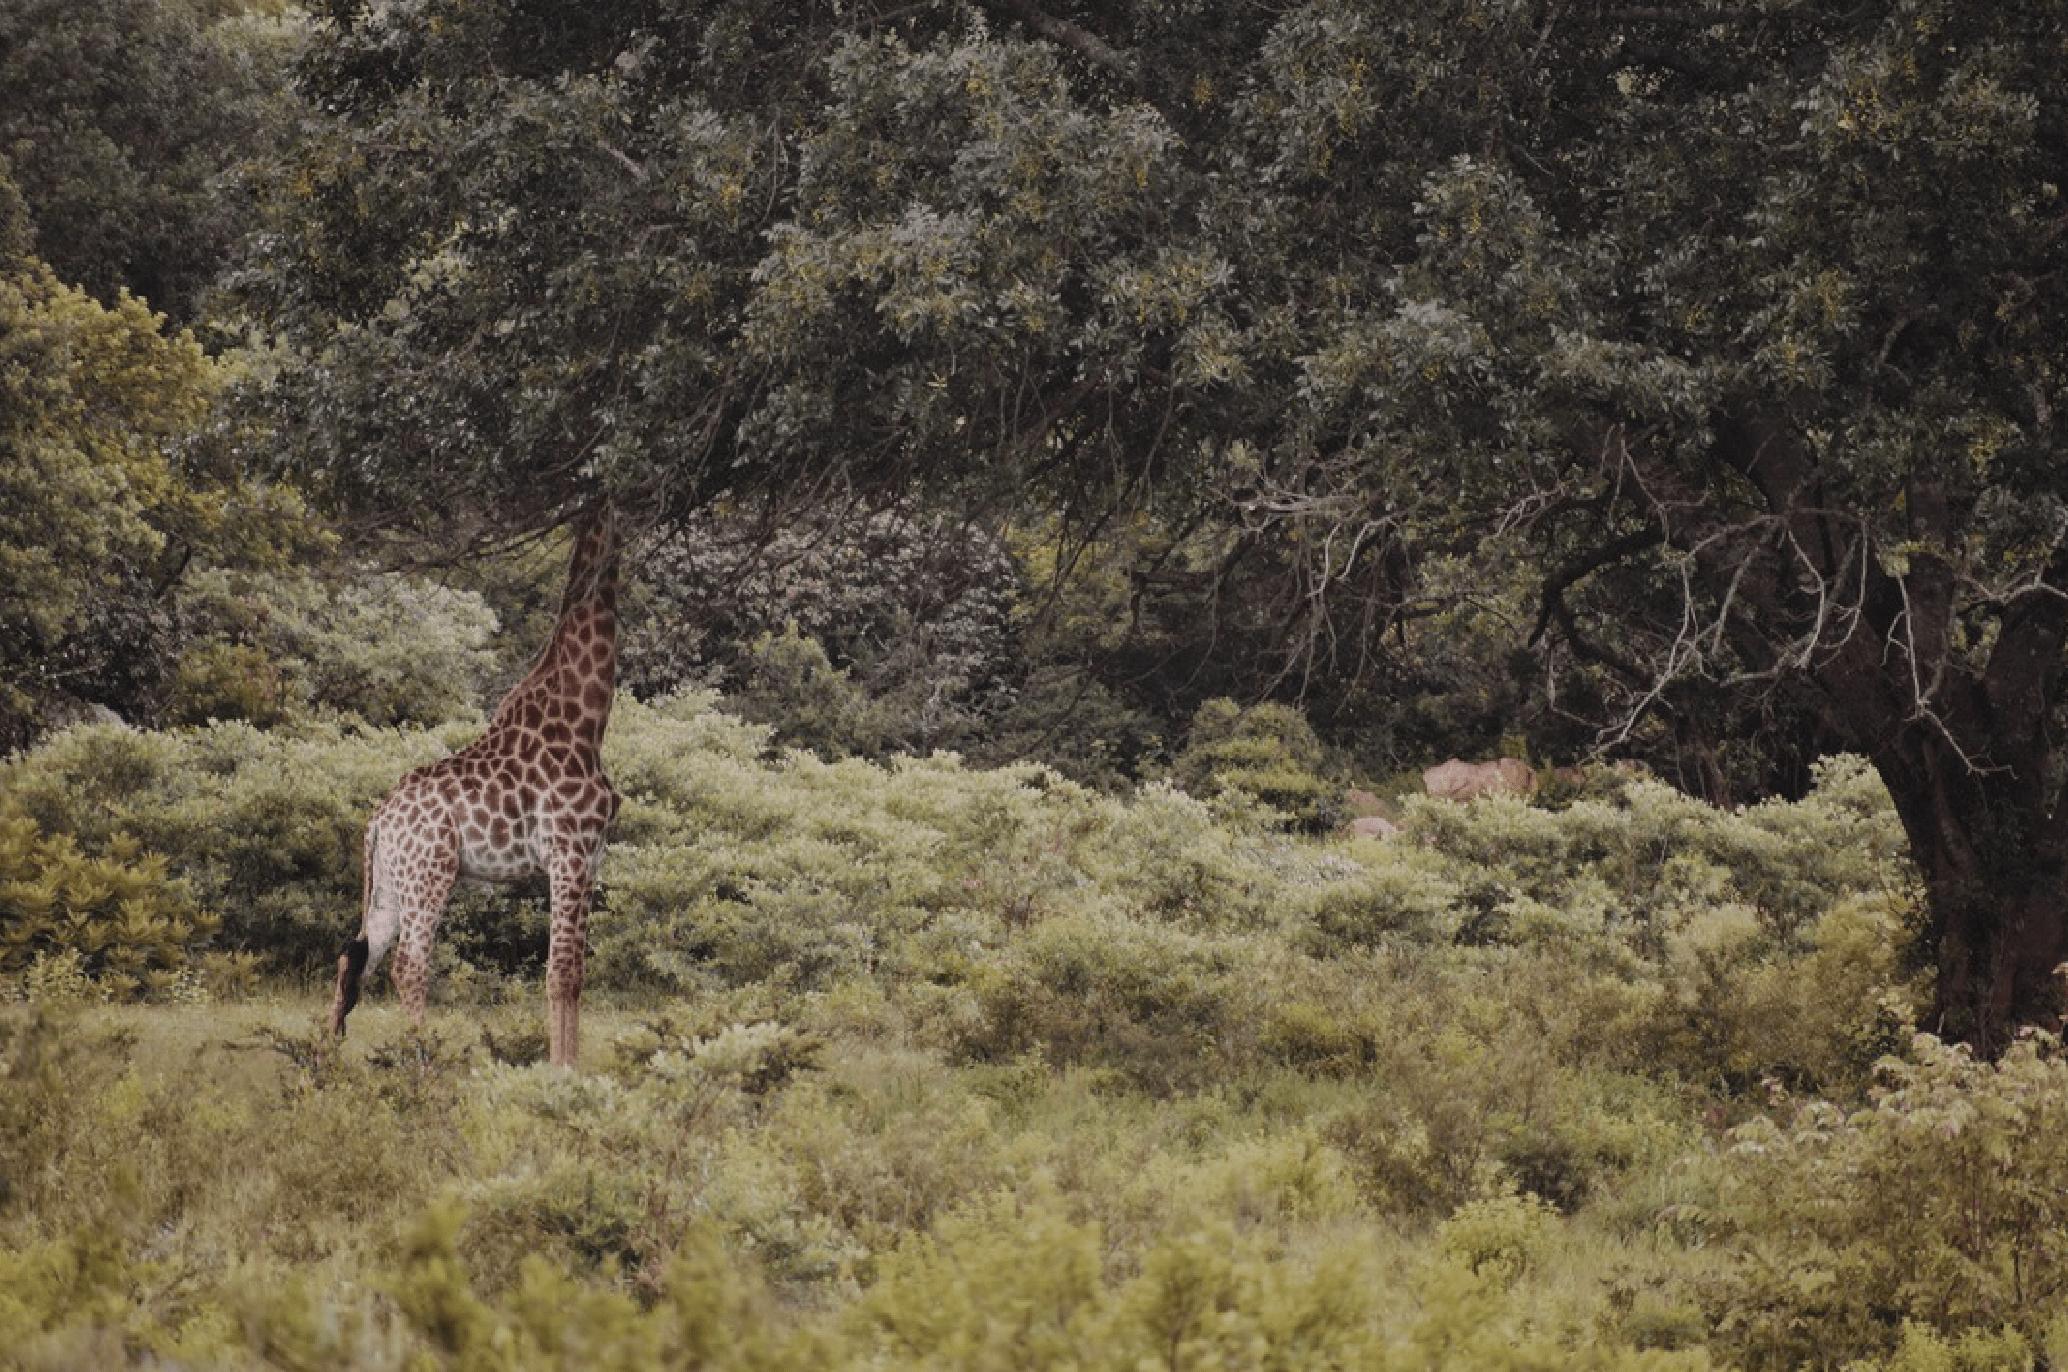 GIRAFFE IN TREE-01-min